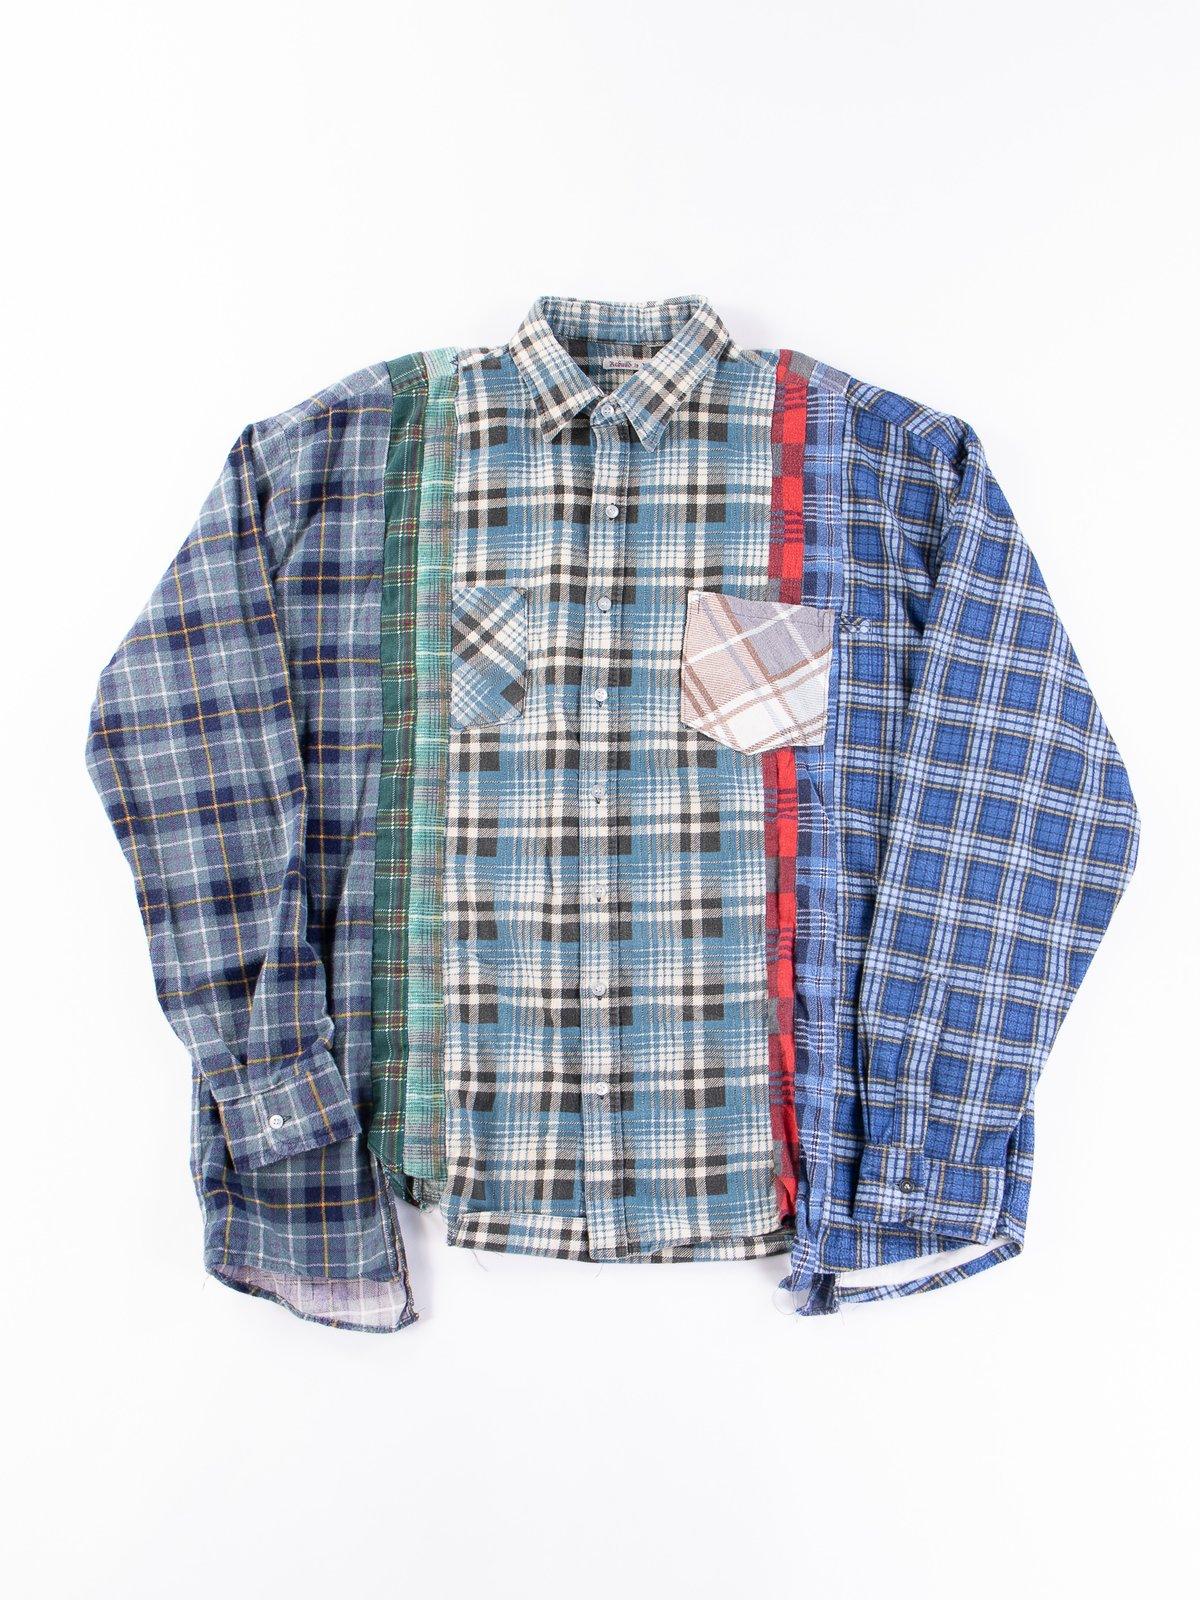 Assorted 7 Cuts Rebuild Shirt - Image 5